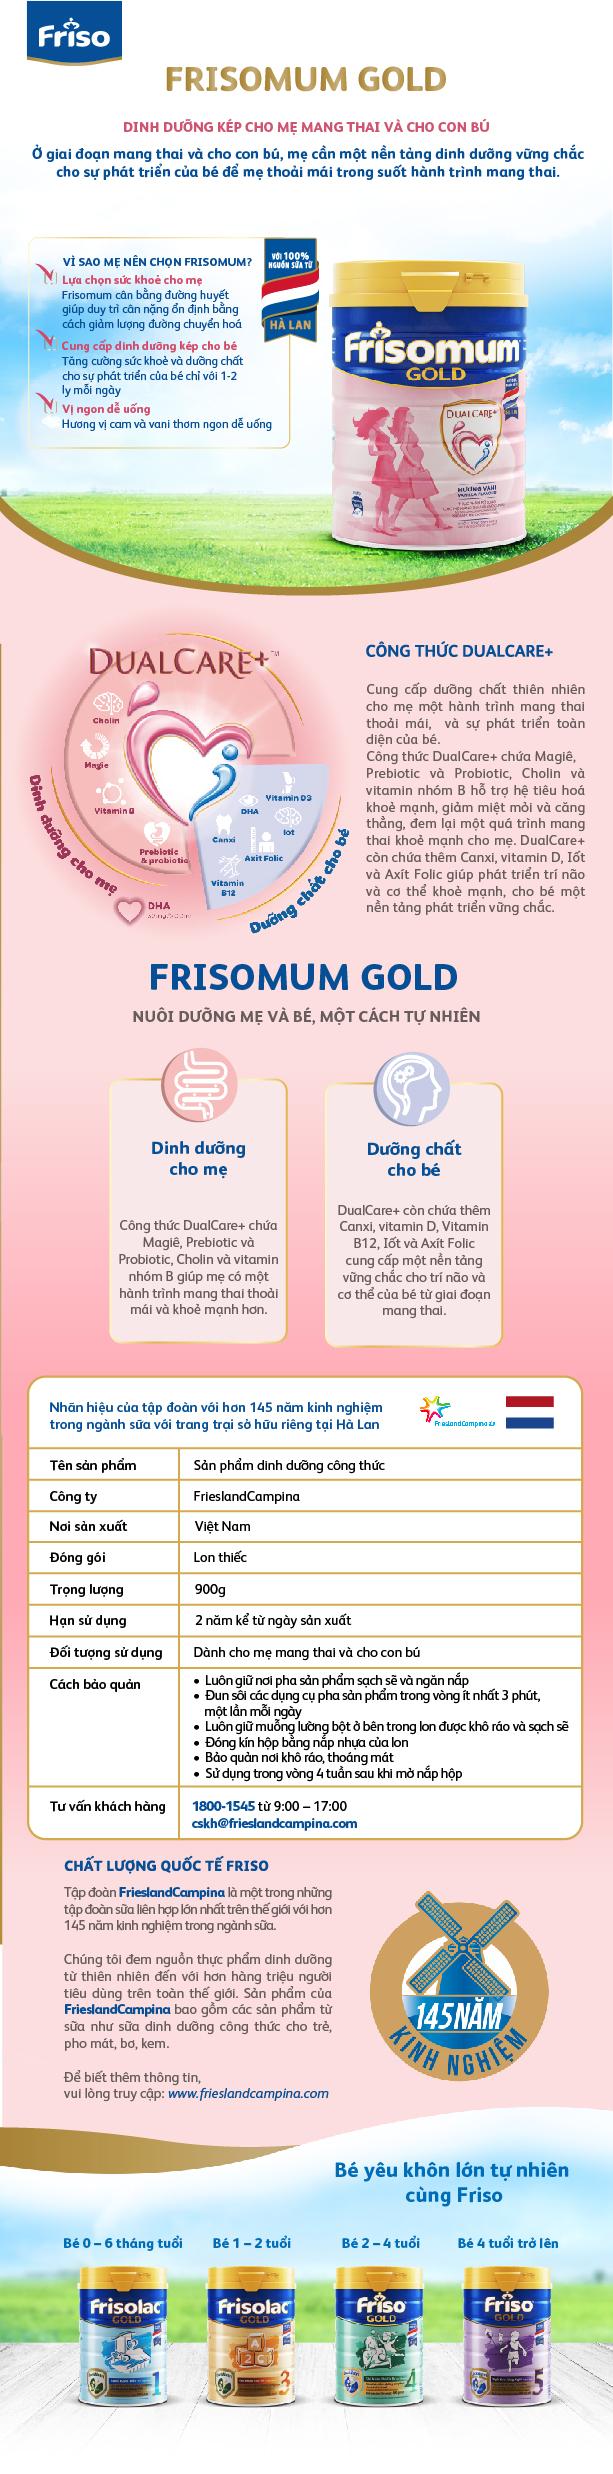 Sữa Bột Friso mum Gold Hương Vani (400g)